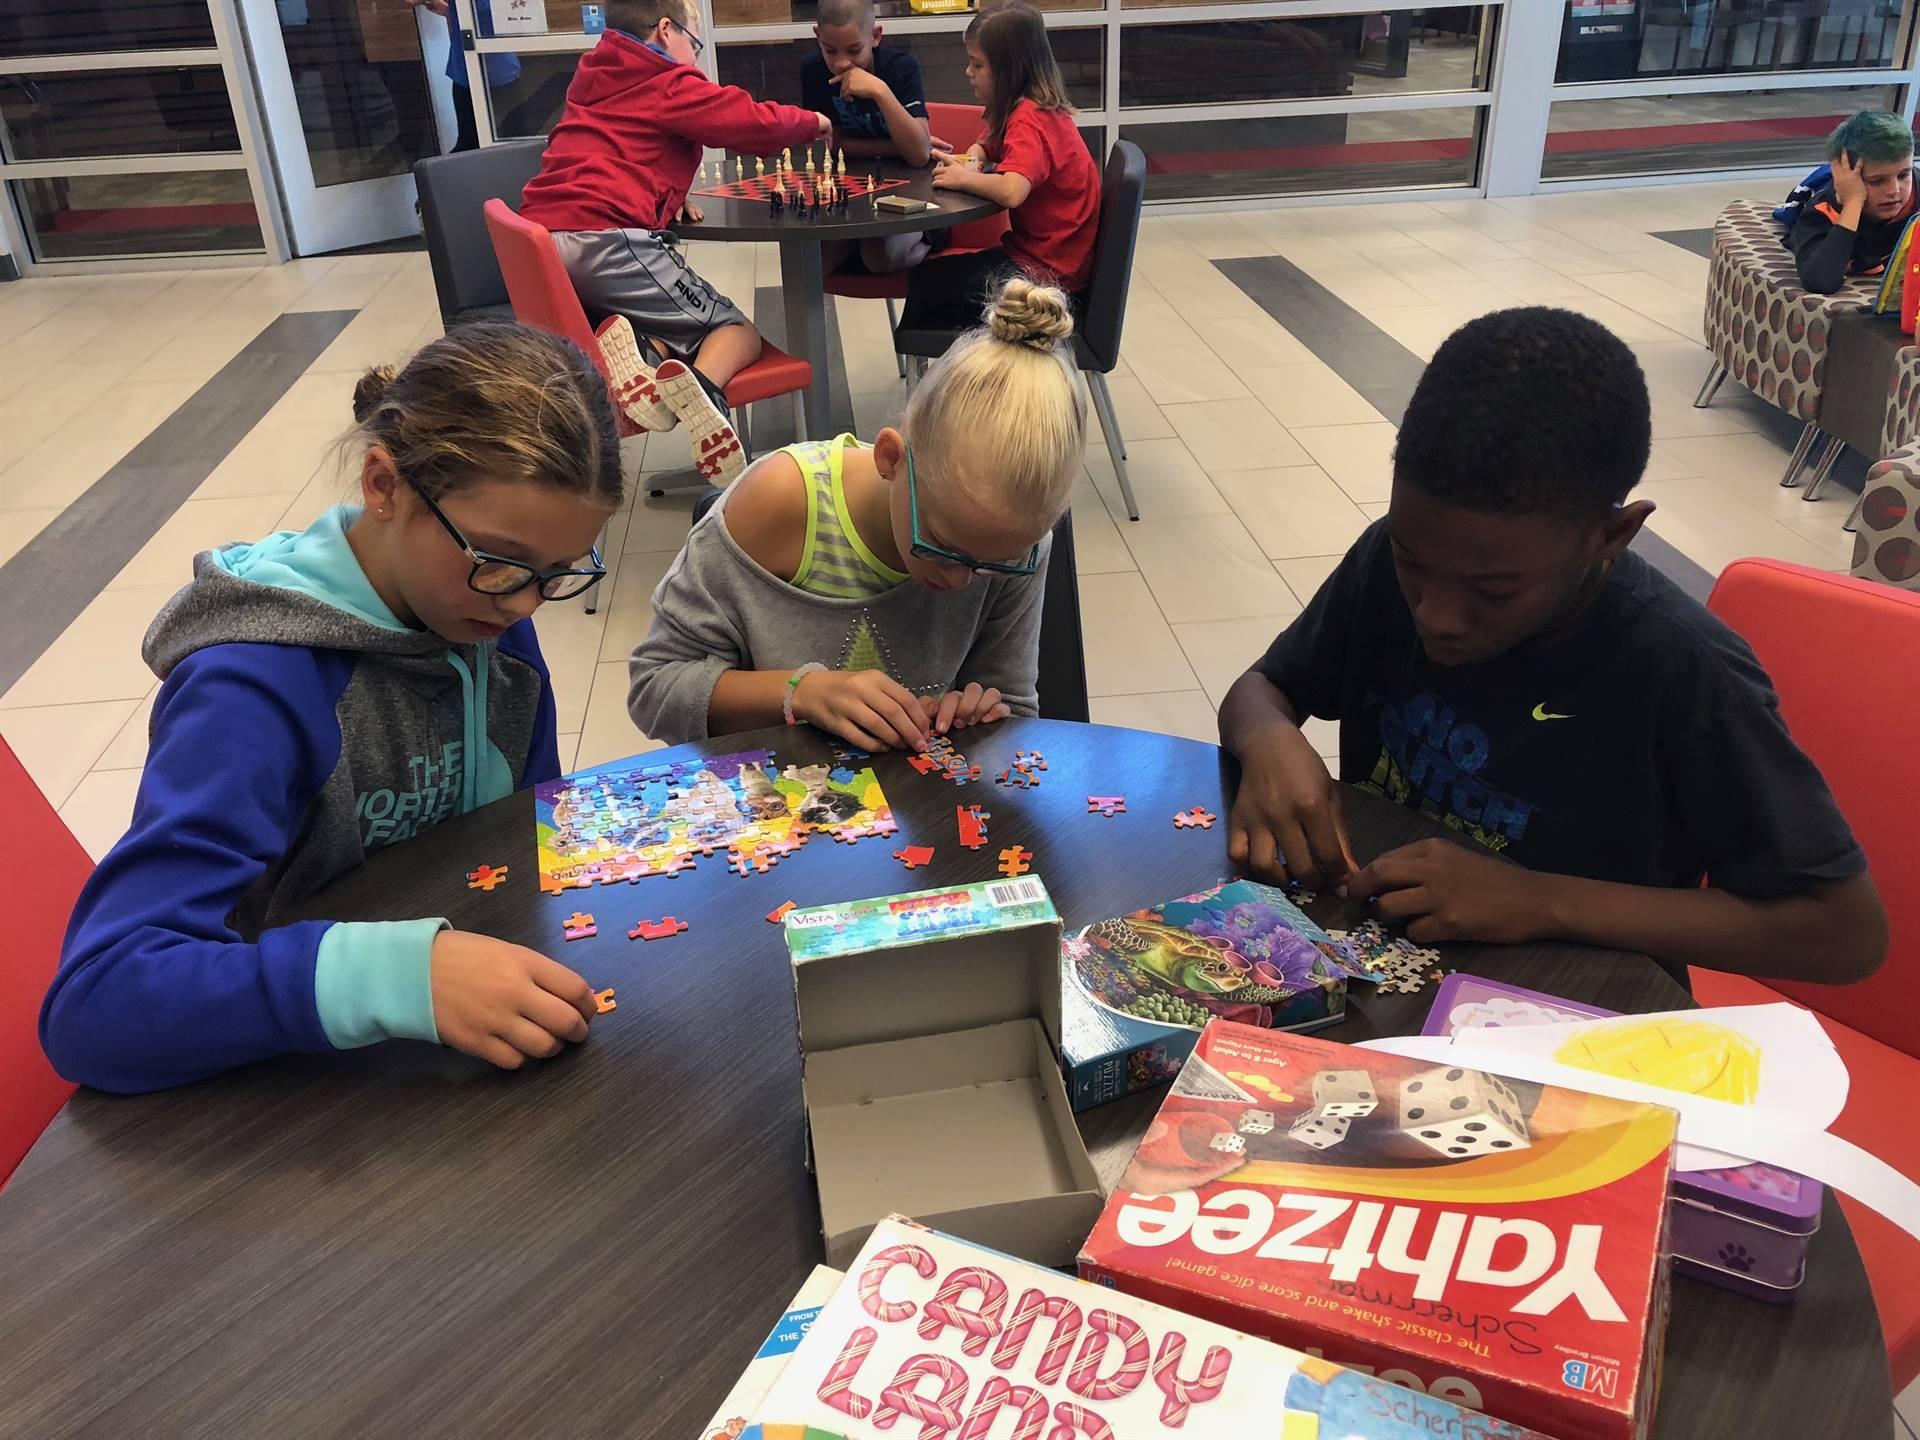 Students enjoying indoor recess games